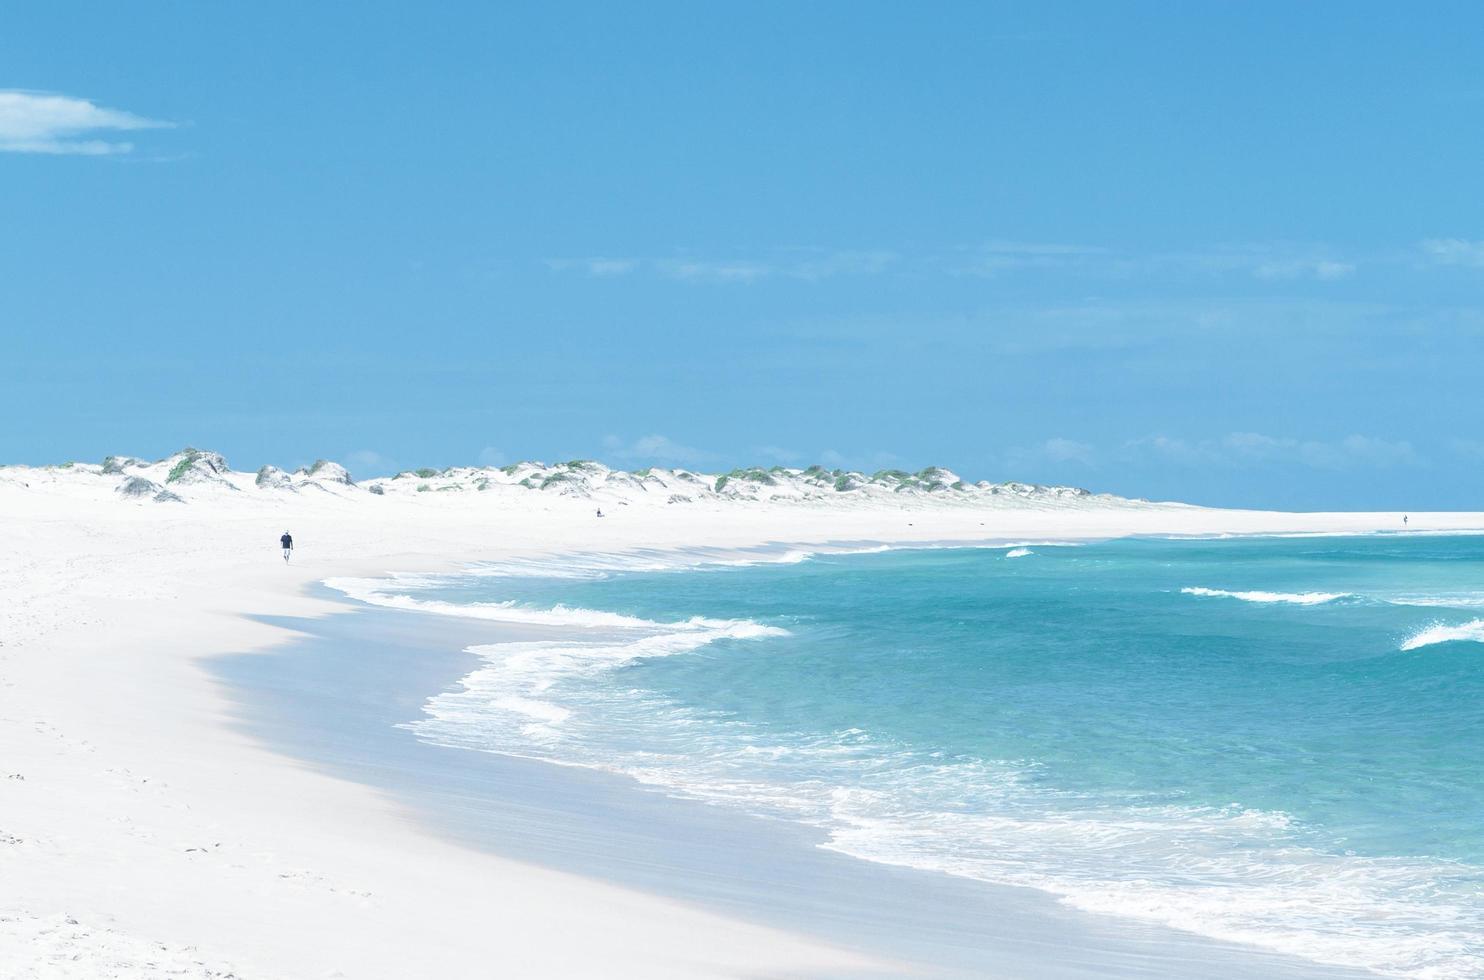 plage de sable blanc pendant la journée photo